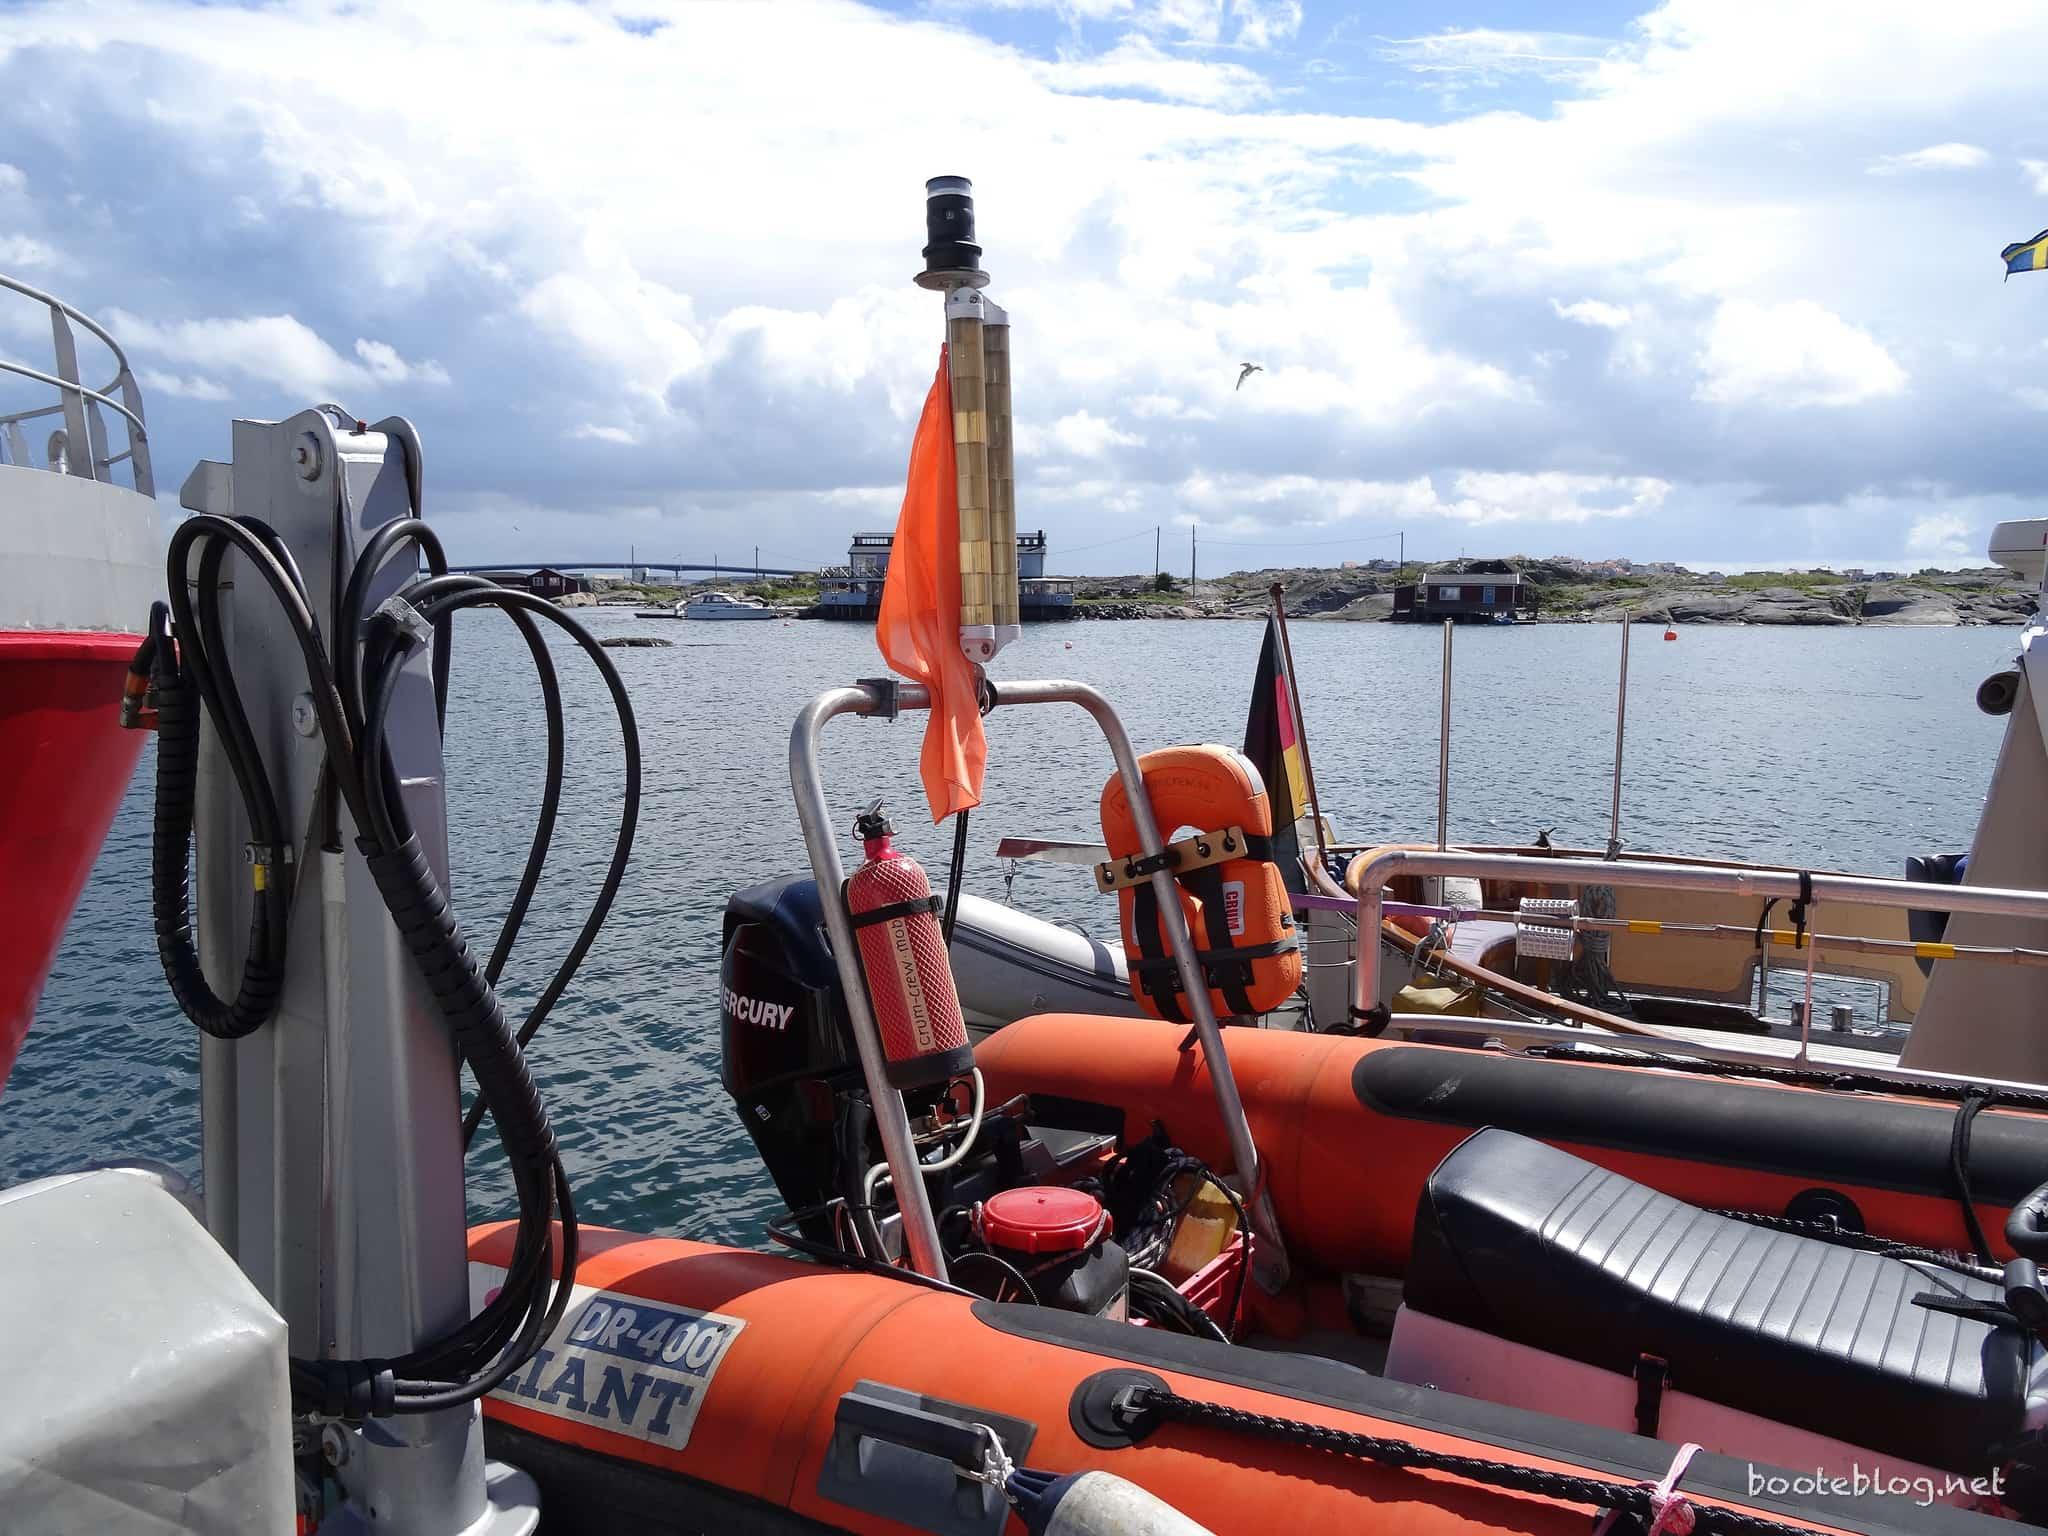 Stets einsatzbereites RIB mit hydraulischem Kran.